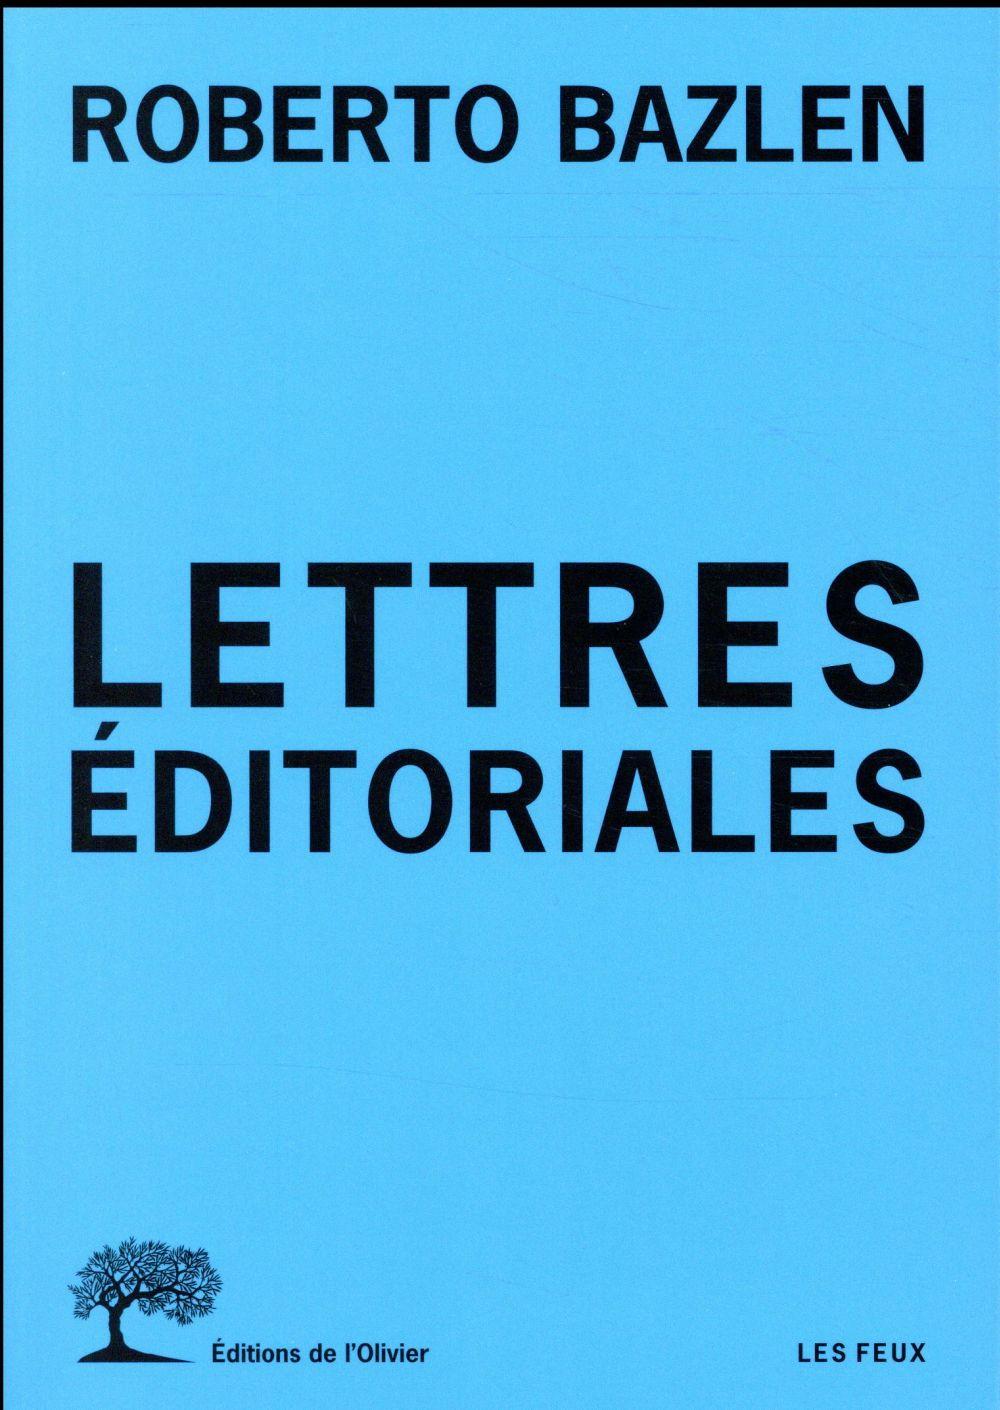 LETTRES EDITORIALES